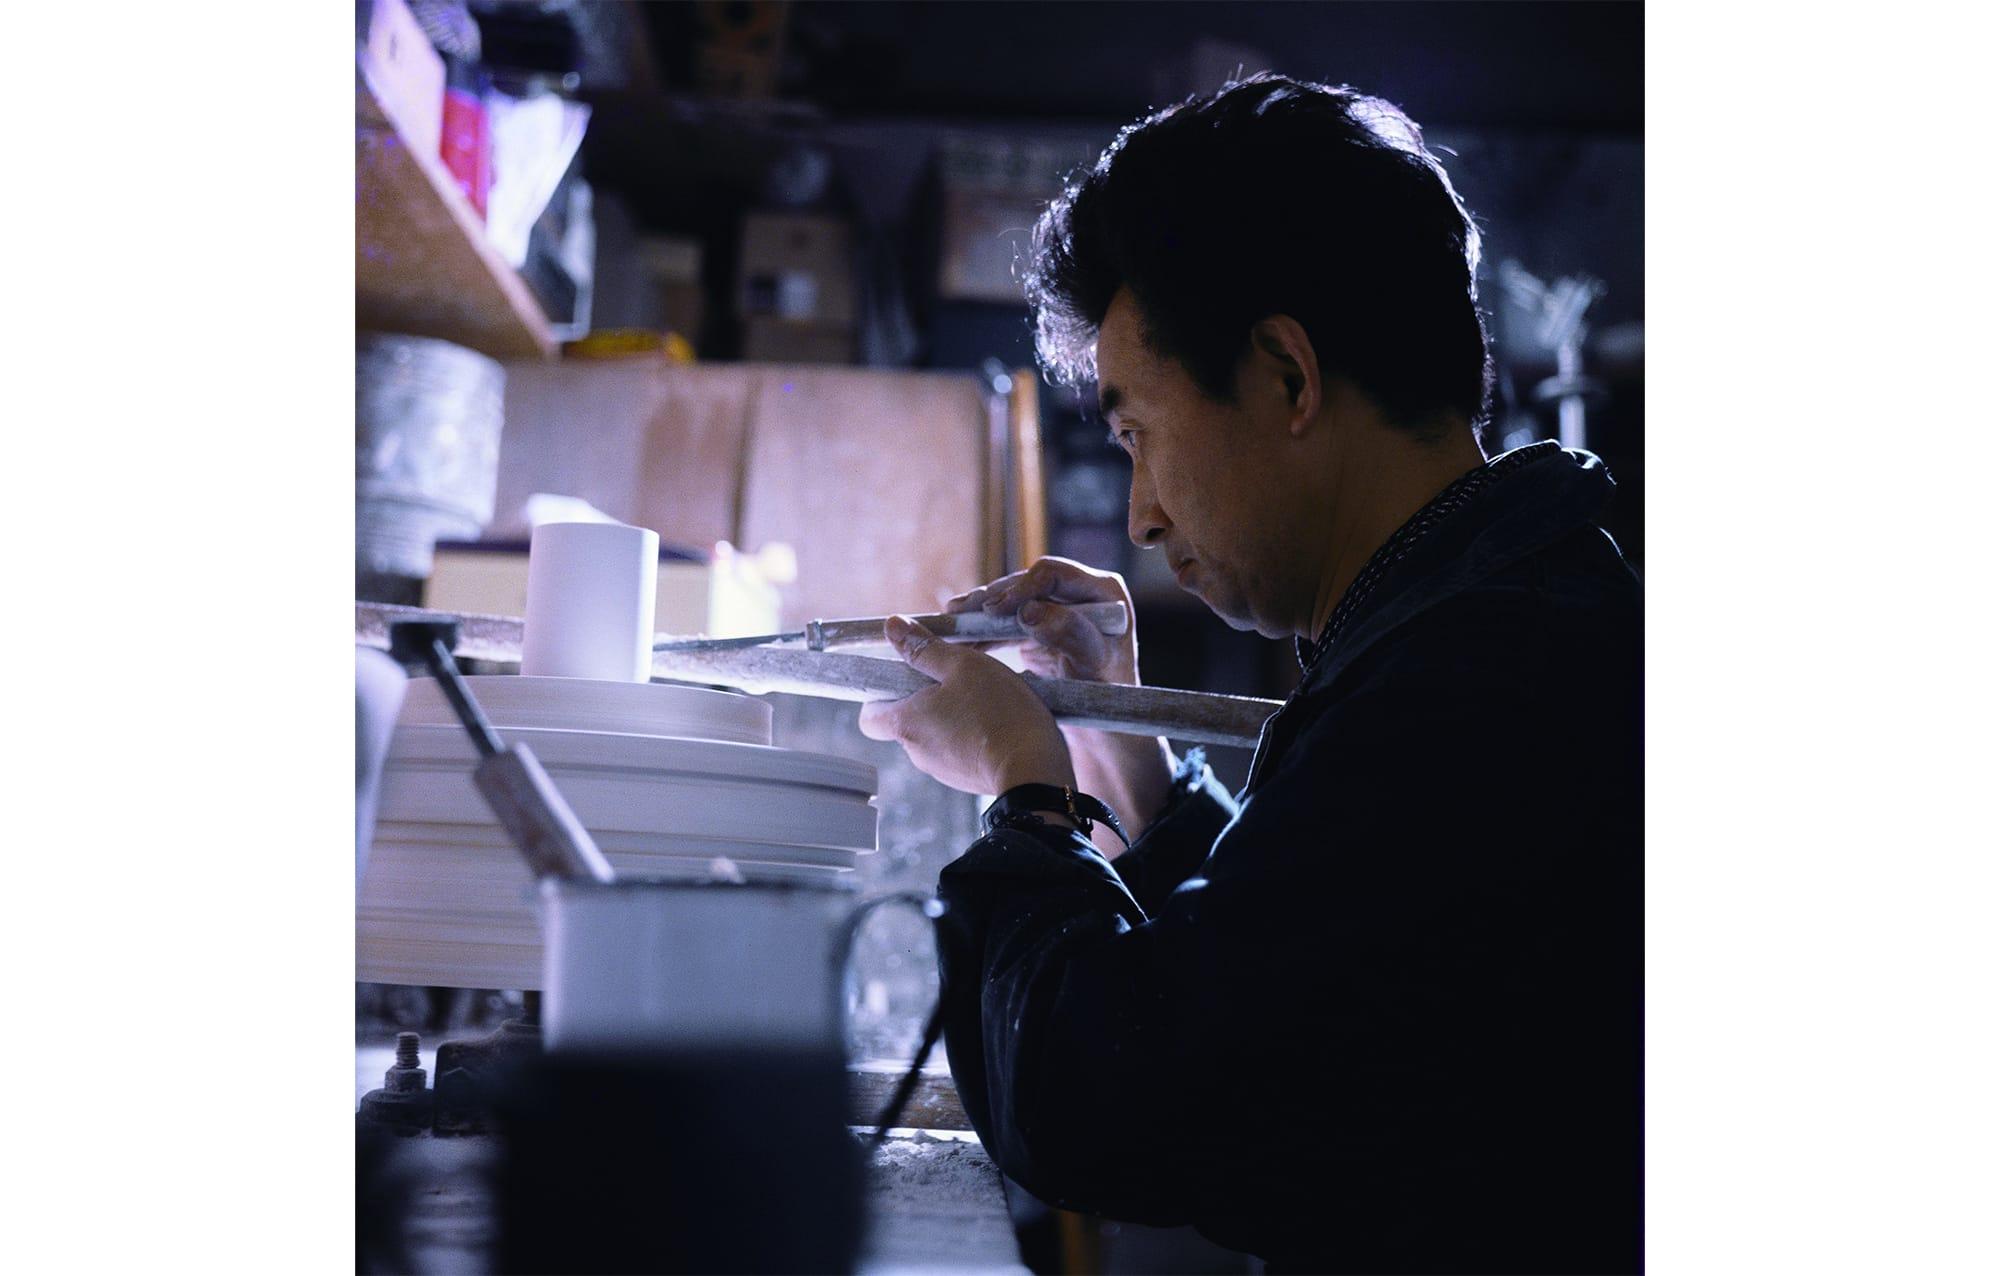 民芸運動の創始者・柳宗悦を父に持つ、戦後日本を代表するプロダクトデザイナー、柳宗理。柳工業デザイン研究所を設立し、日本におけるプロダクトデザインの発展に寄与した。「石膏ロクロで作業する柳宗理 @YANAGI DESIGN OFFICE」